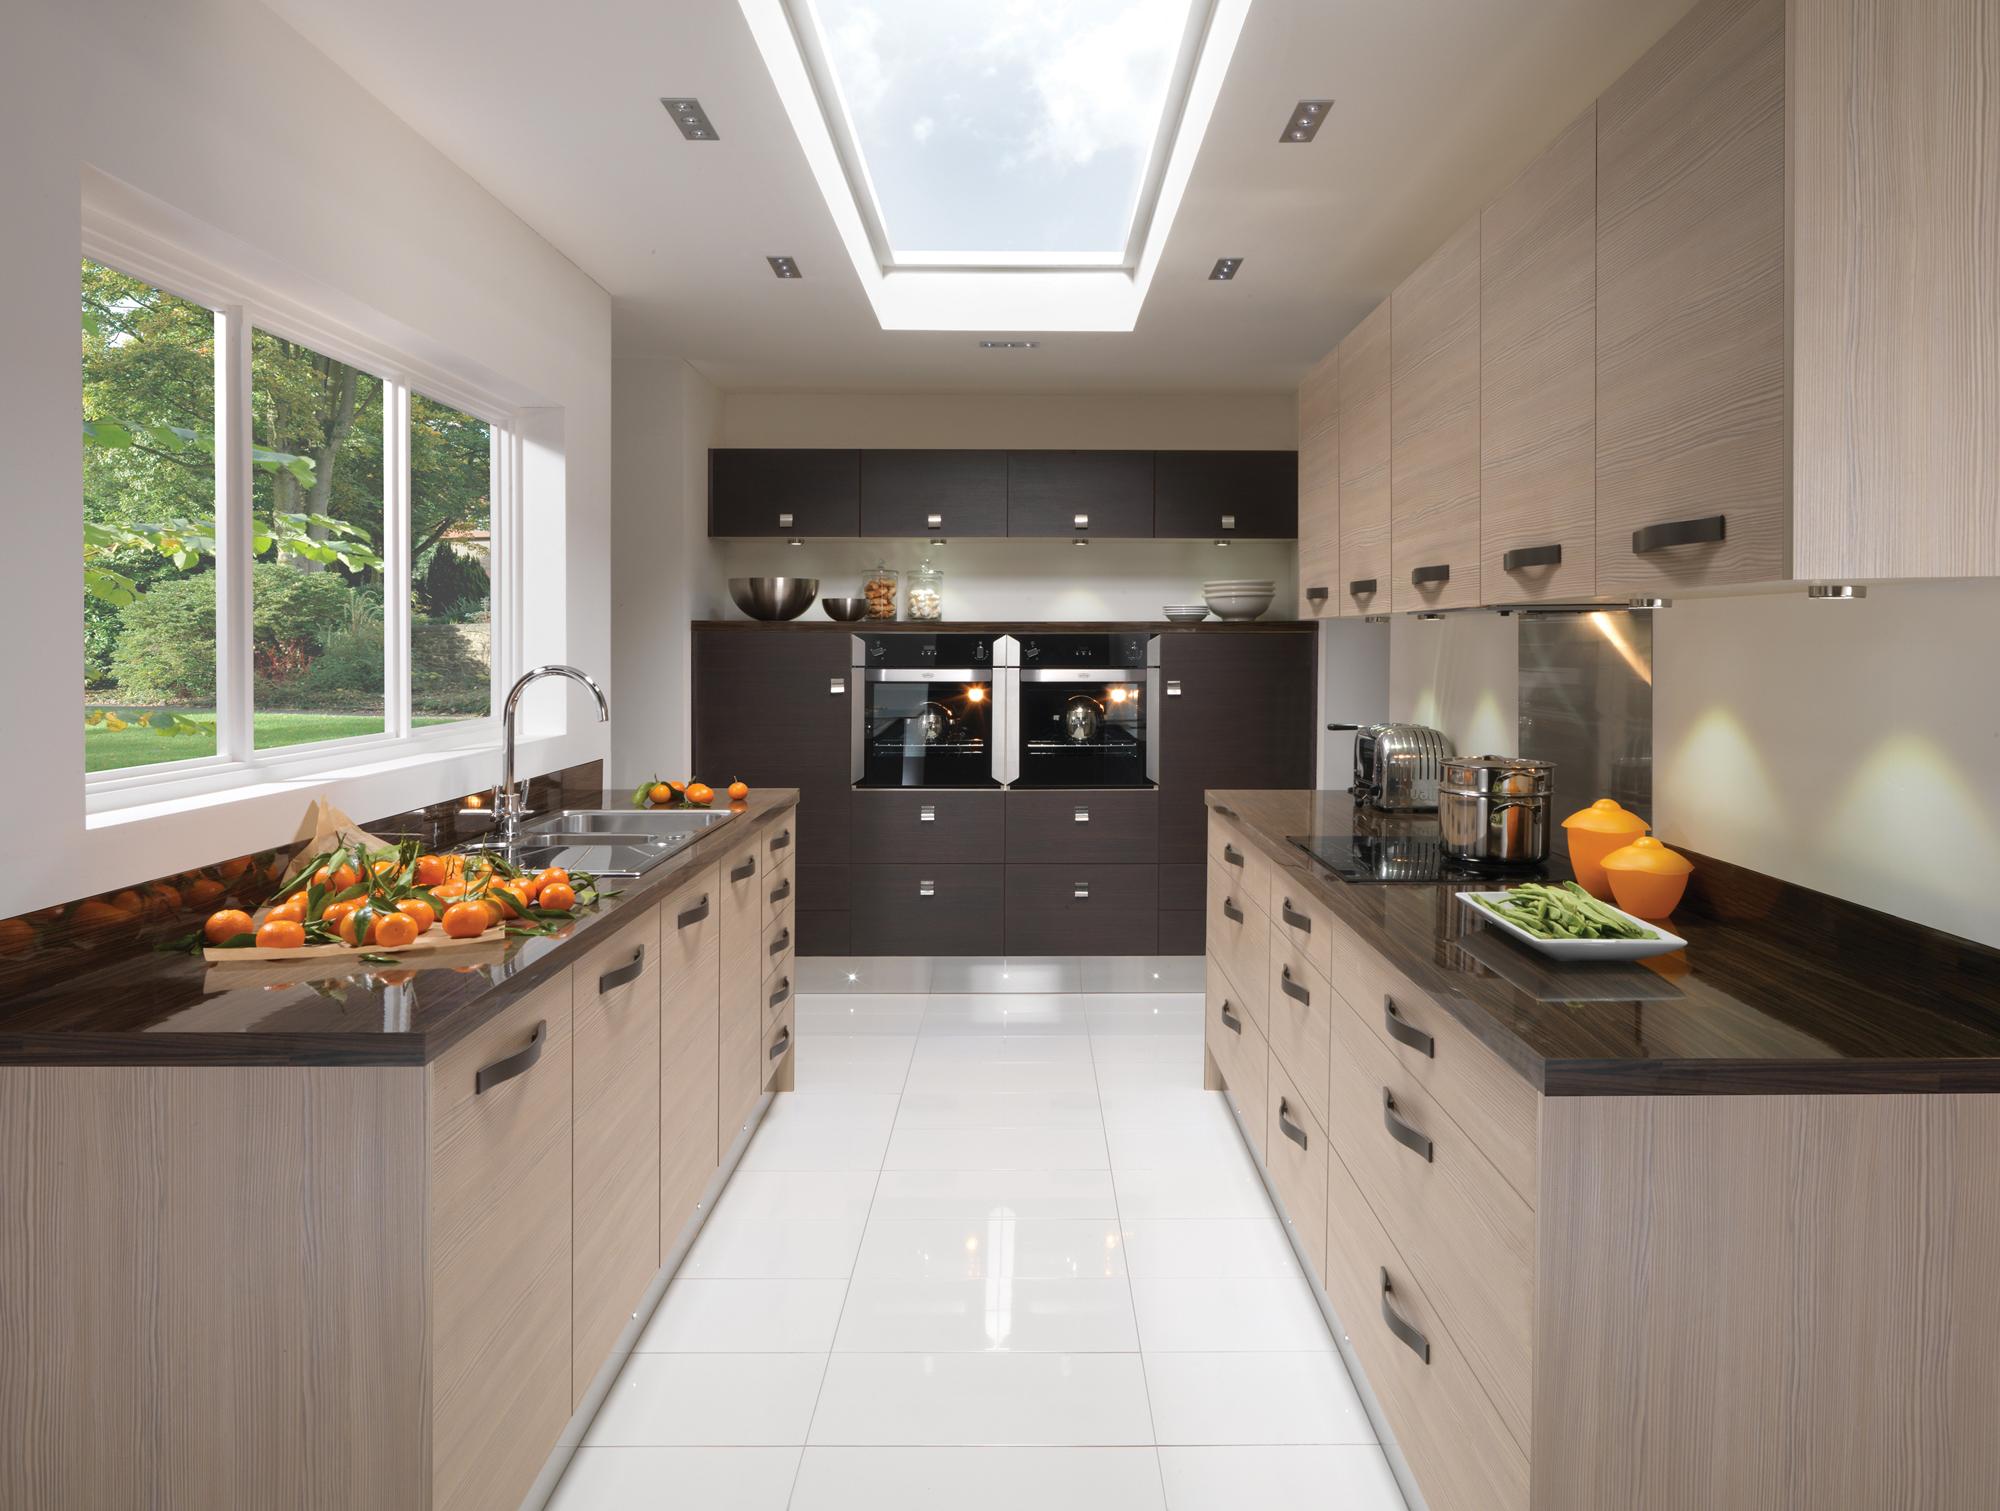 Contemporary kitchen design colchester essex anne for Kitchen ideas homebase